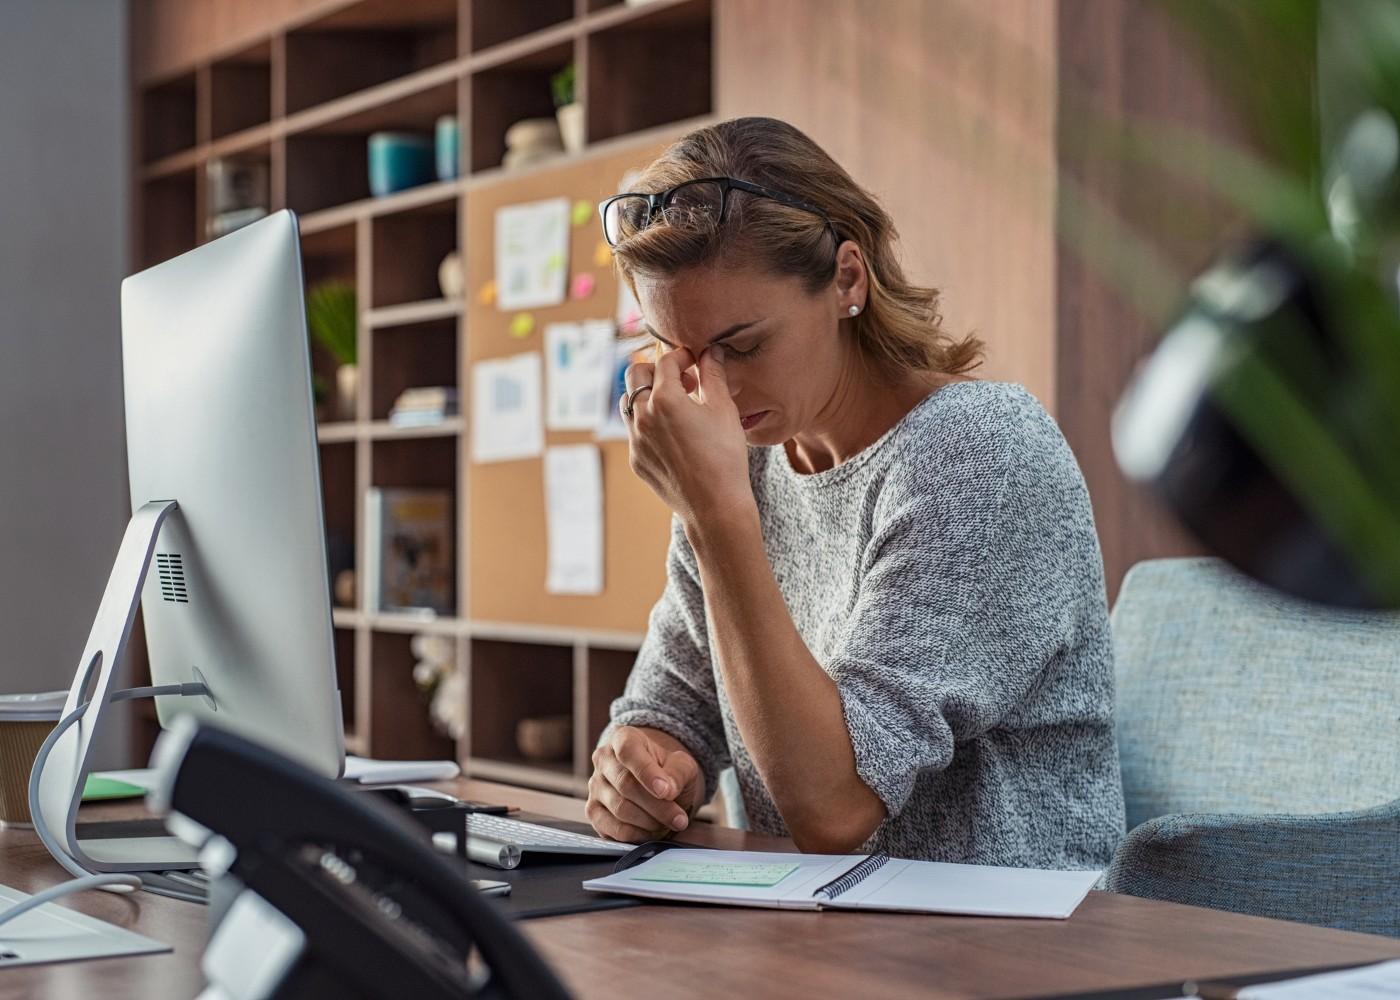 mulher ao computador com mãos na cabeça de cansaço